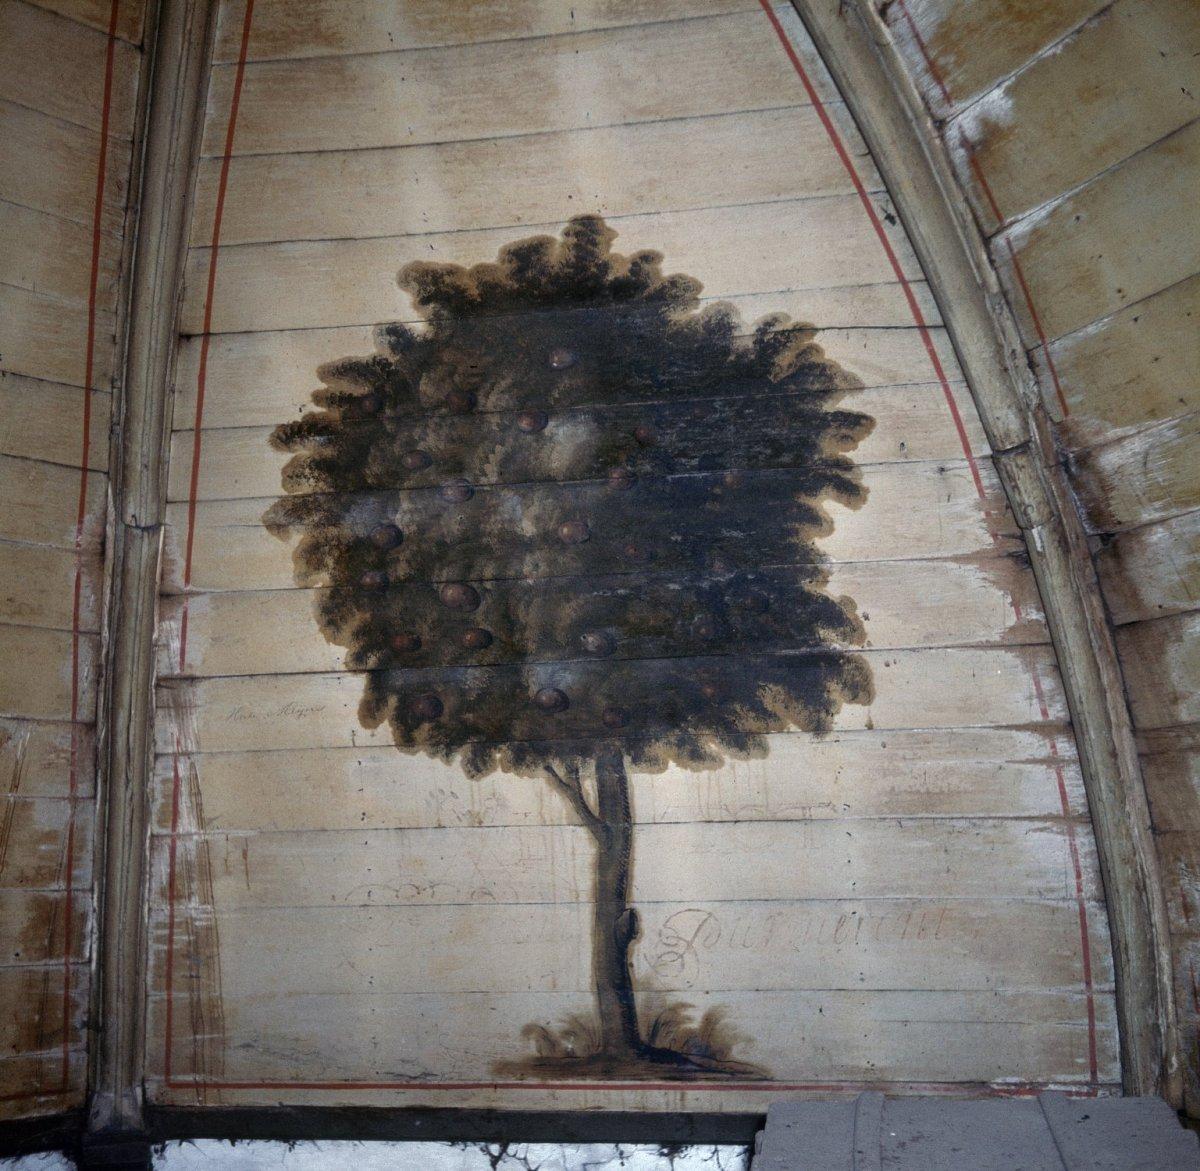 File:Interieur, detail van gewelfschildering op houten gewelf, boom ...